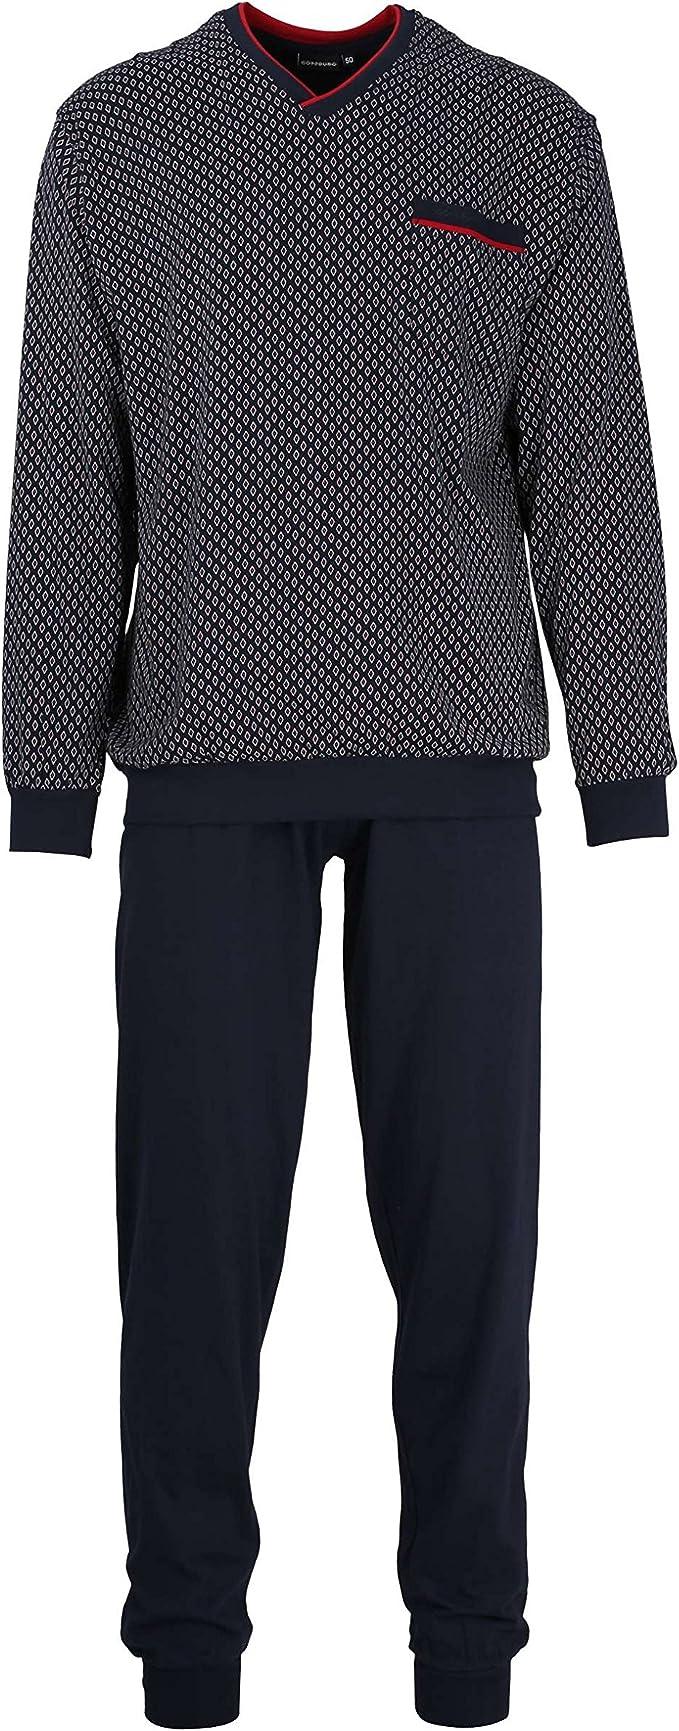 Götzburg Conjuntos de Pijama para Hombre